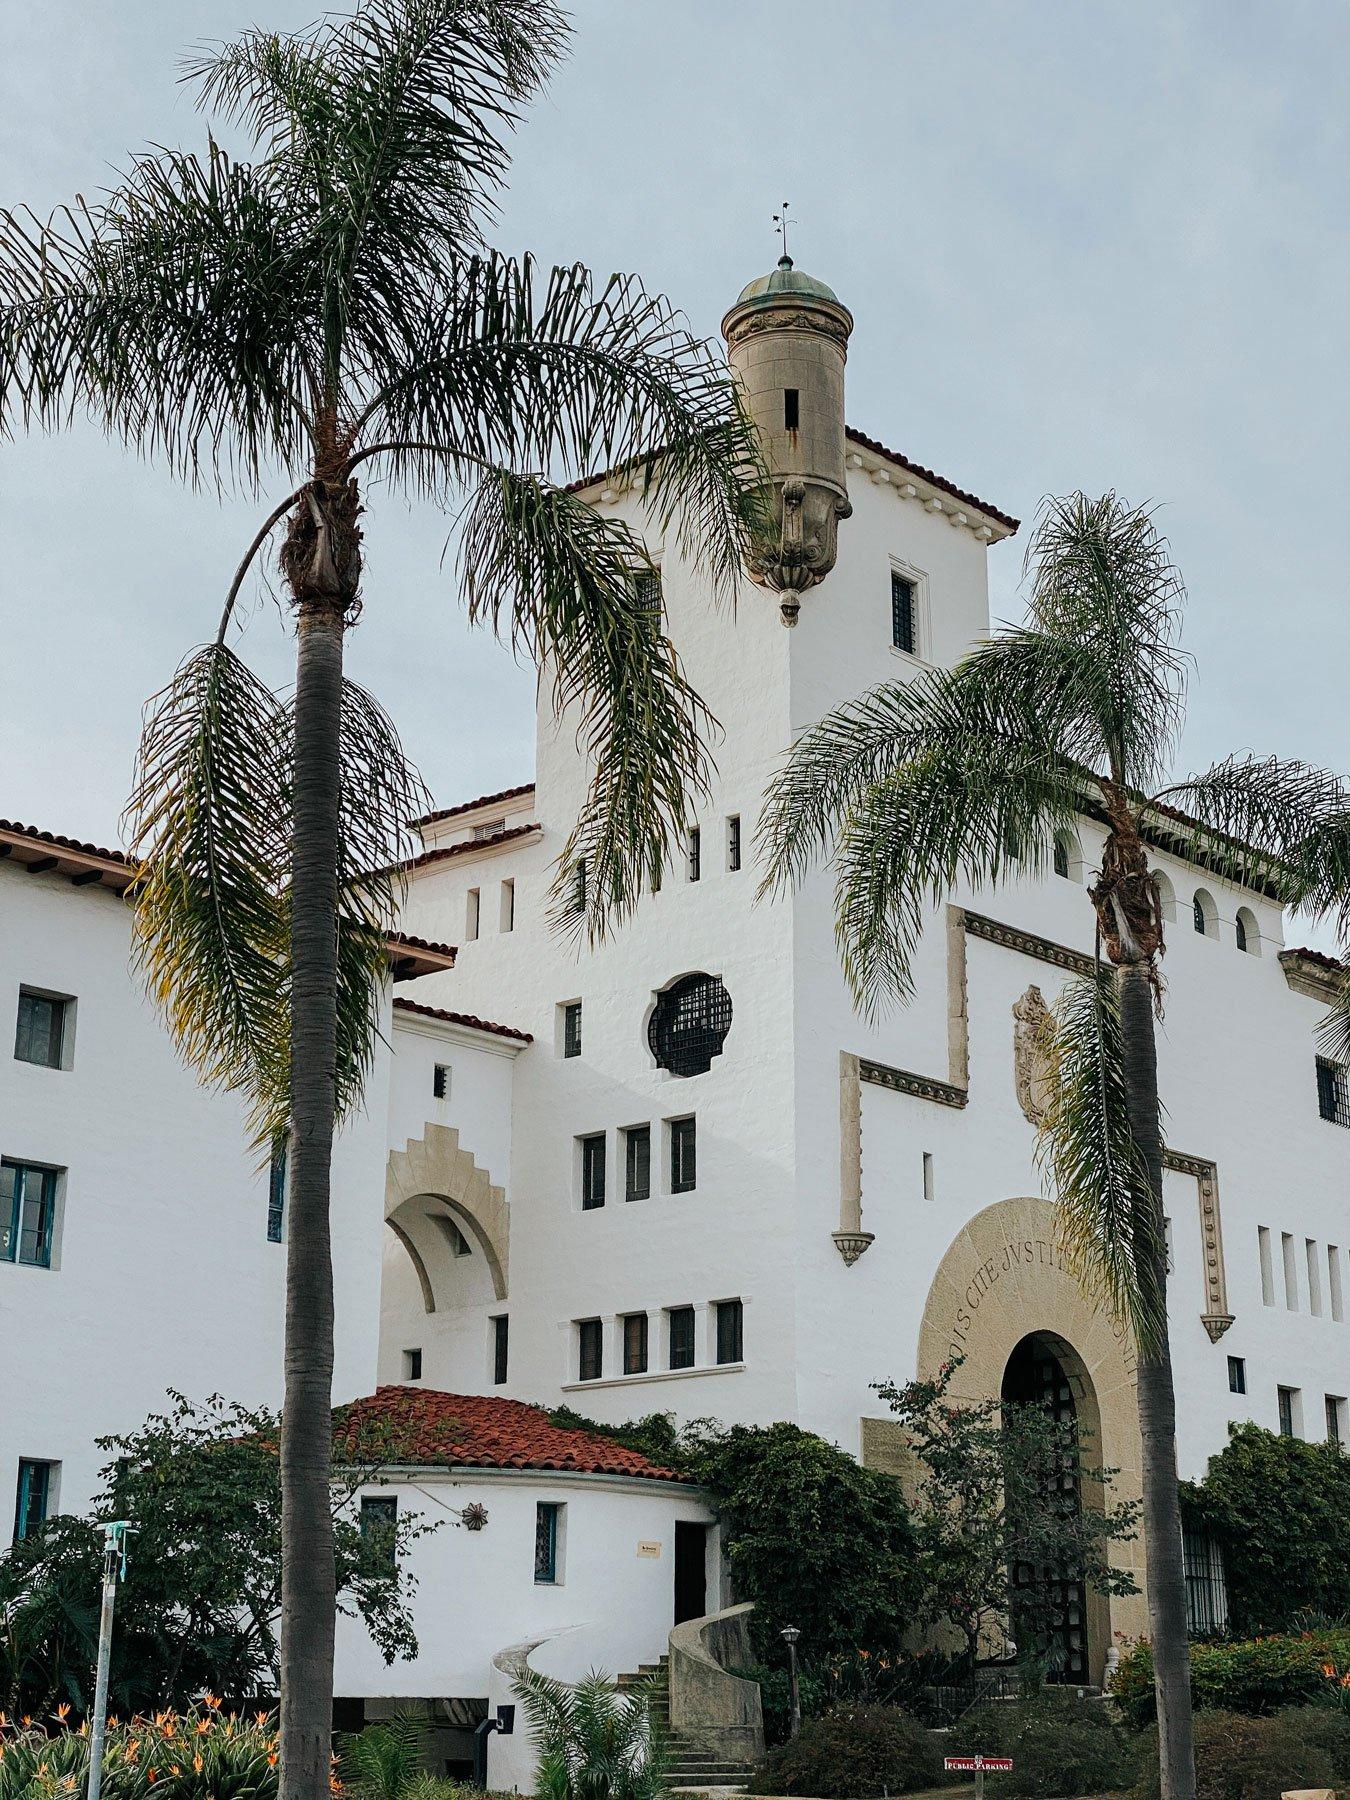 Santa Barbara Courthouse outside